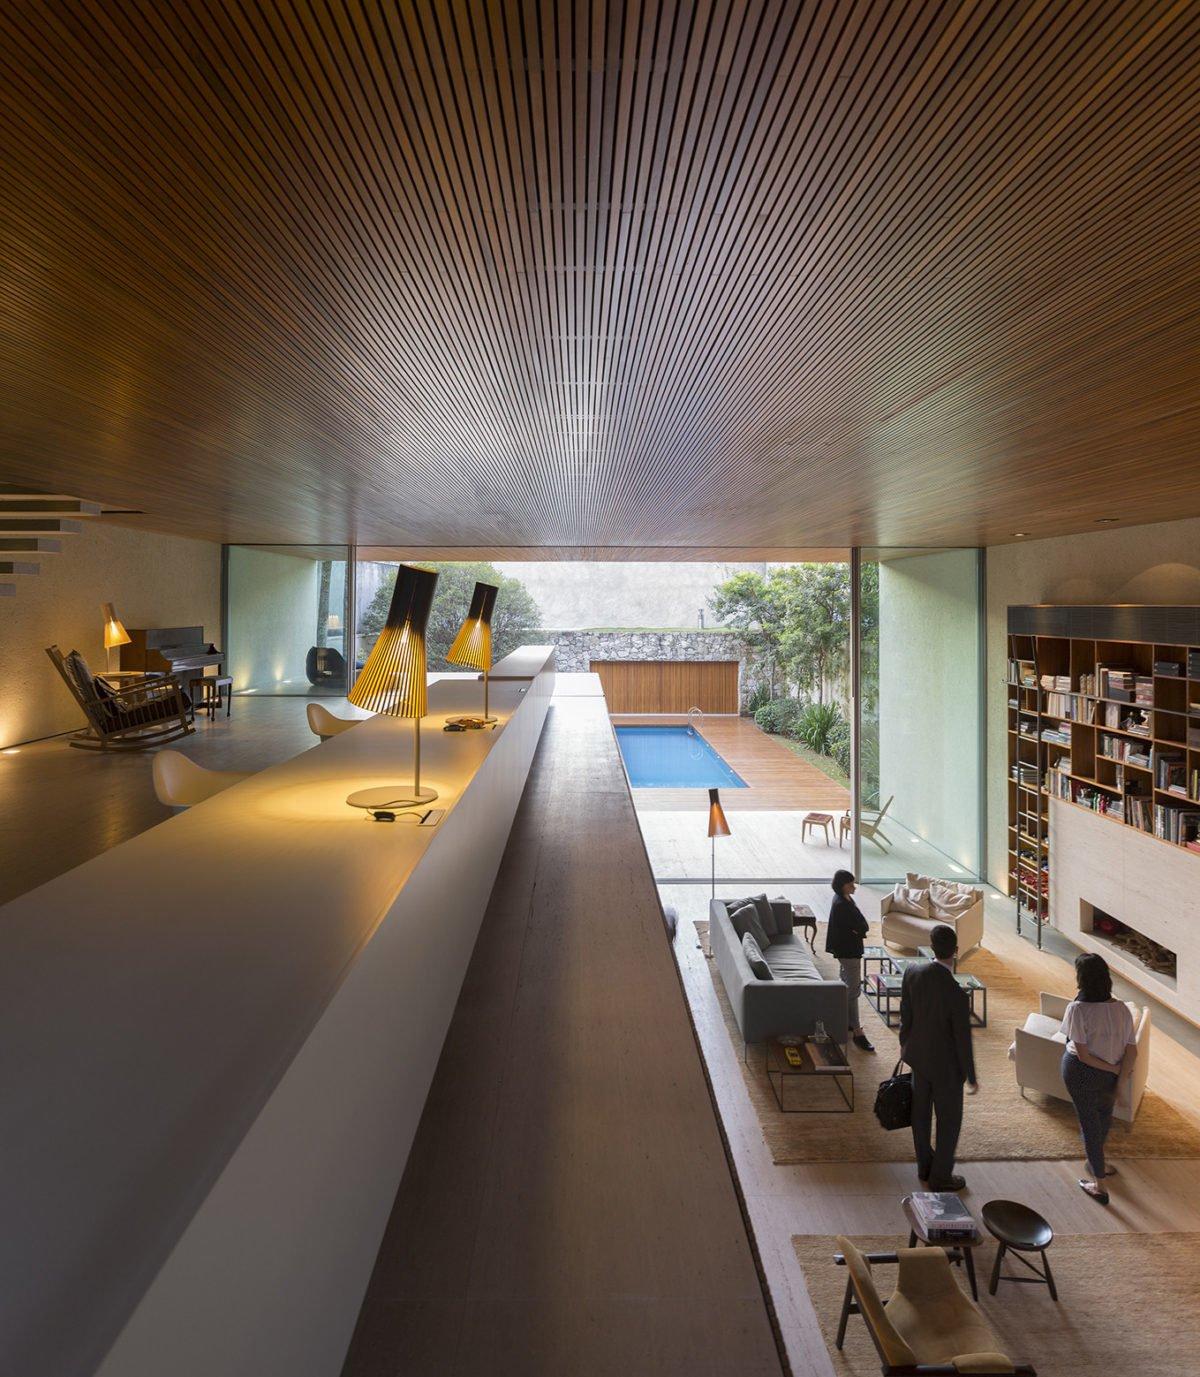 12Tetris House In São Paulo Brazil By Studiomk27 22 Ngôi nhà lấy ý tưởng từ trò chơi xếp hình TETRIS qpdesign